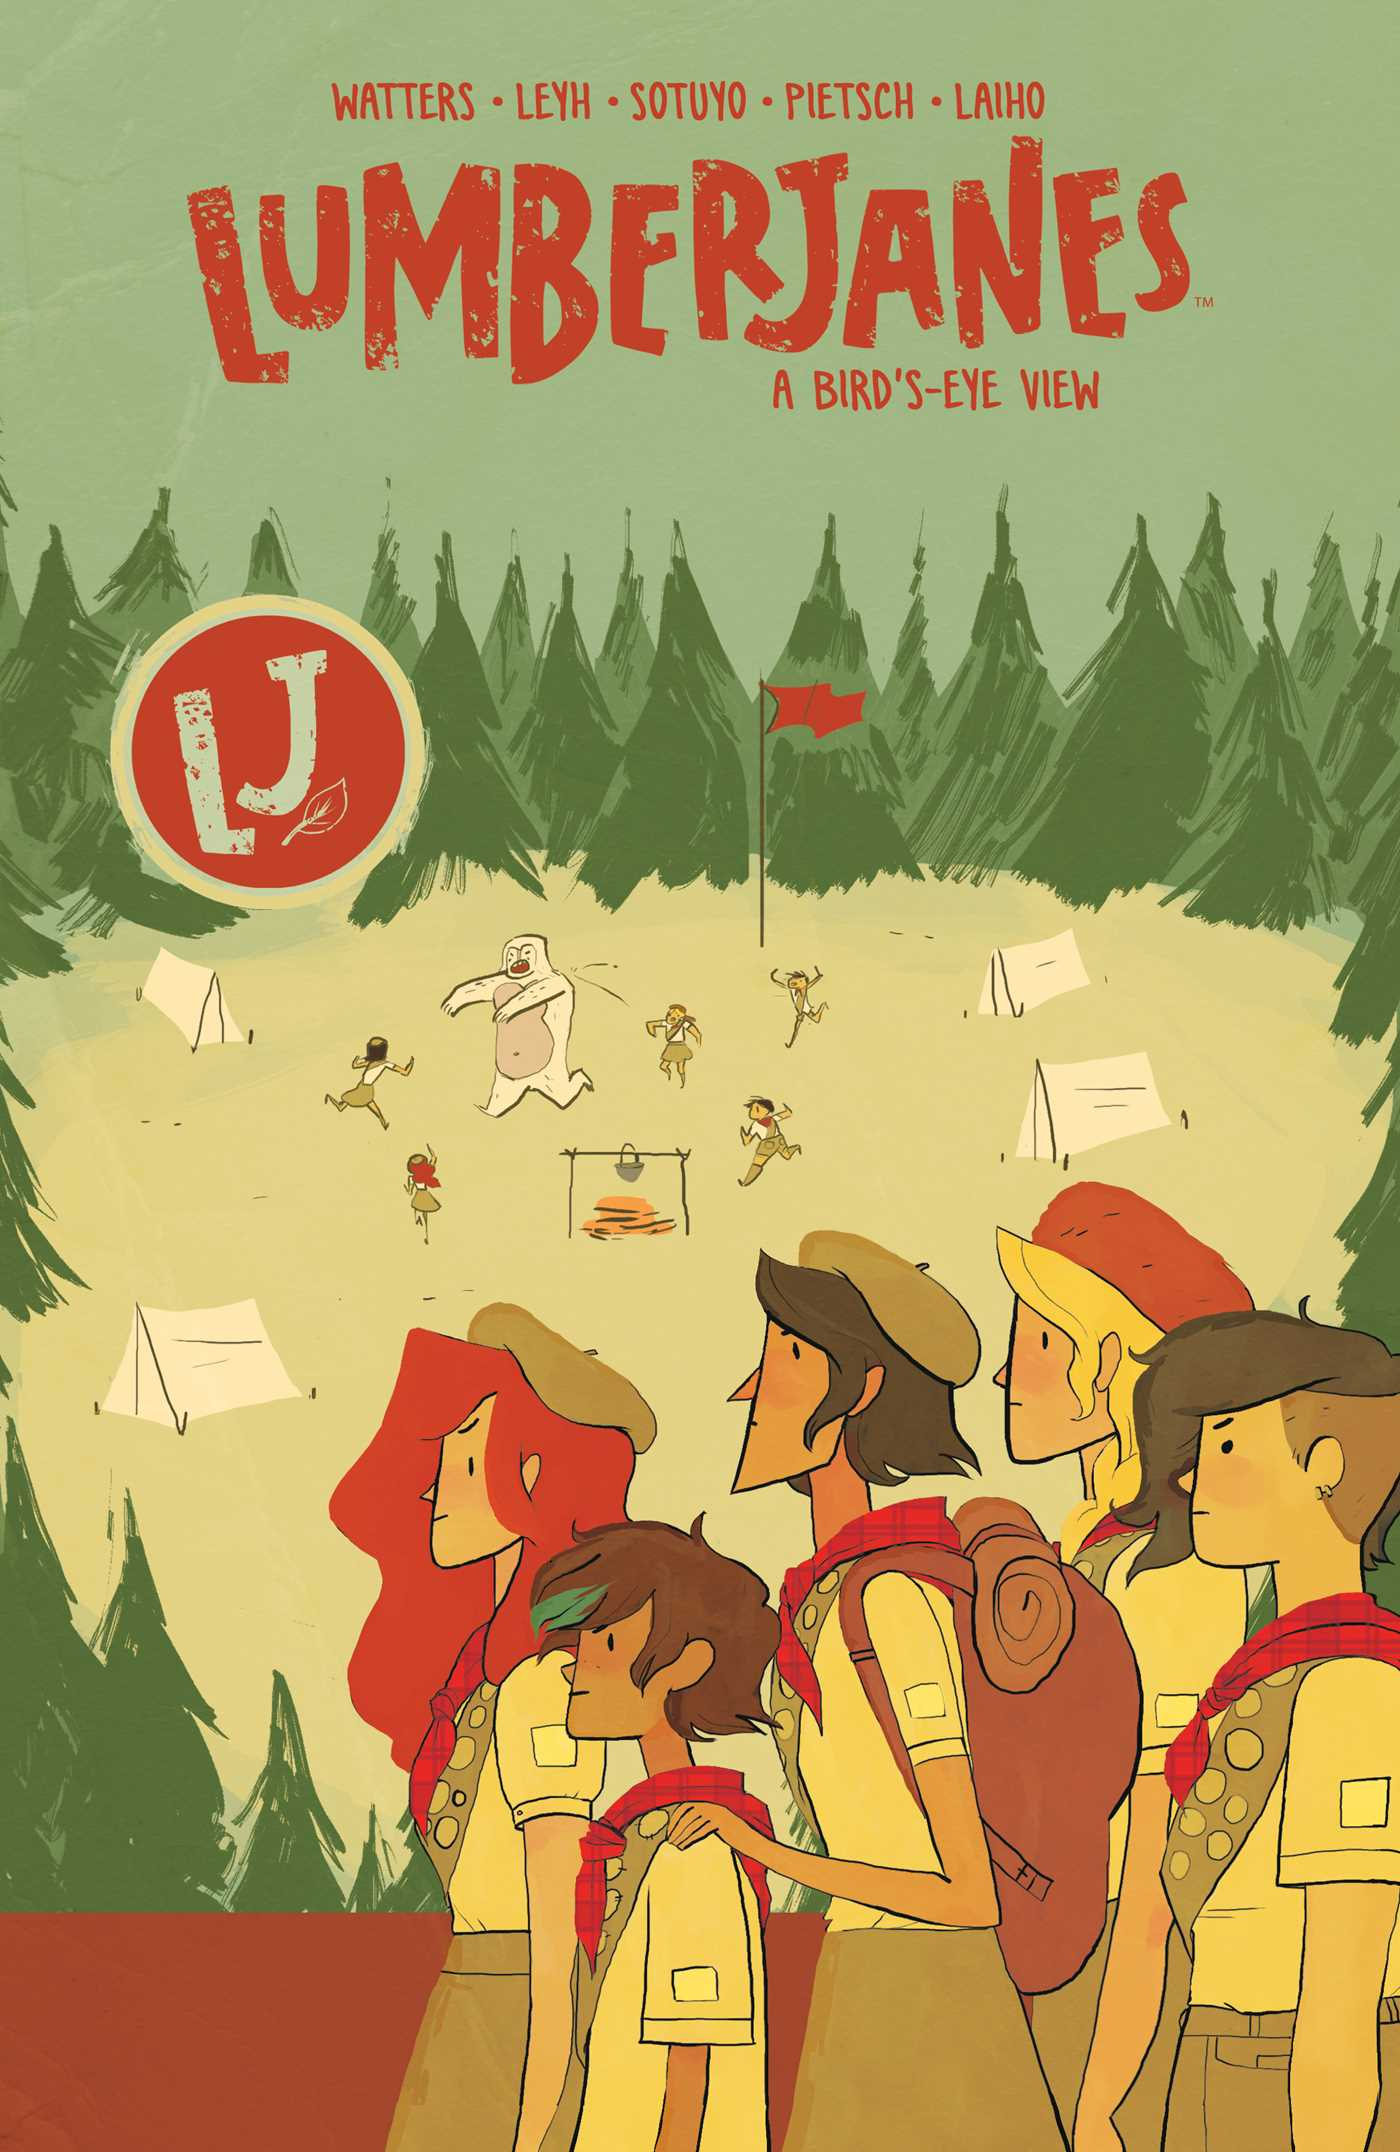 Lumberjanes vol 7 9781684150458 hr